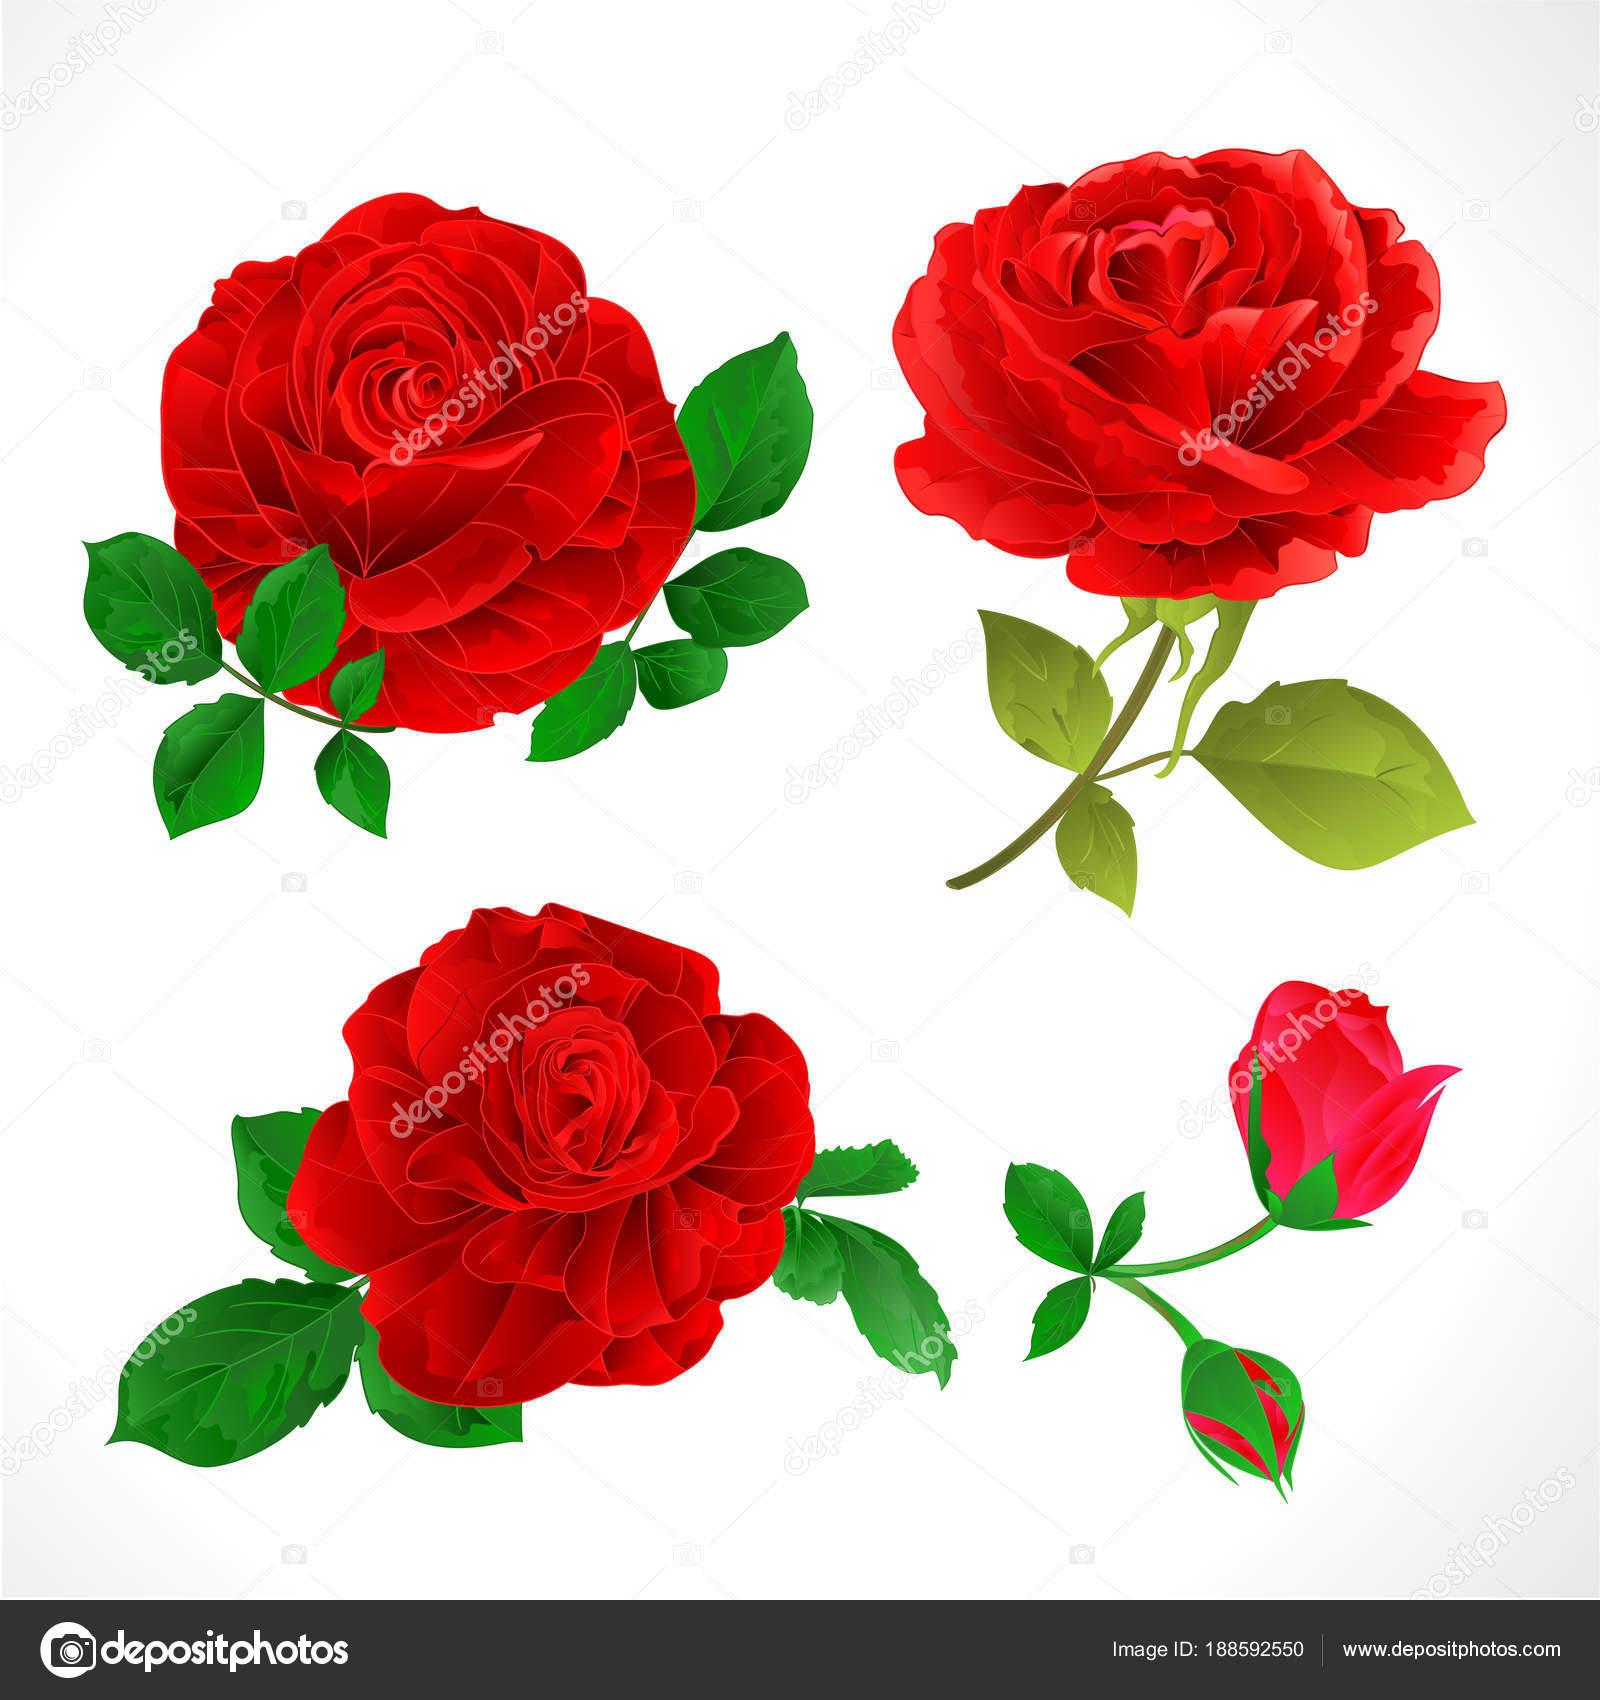 Dibujos Flores Rosas Rojas Rosas Rojas Con Cosecha Cogollos Hojas